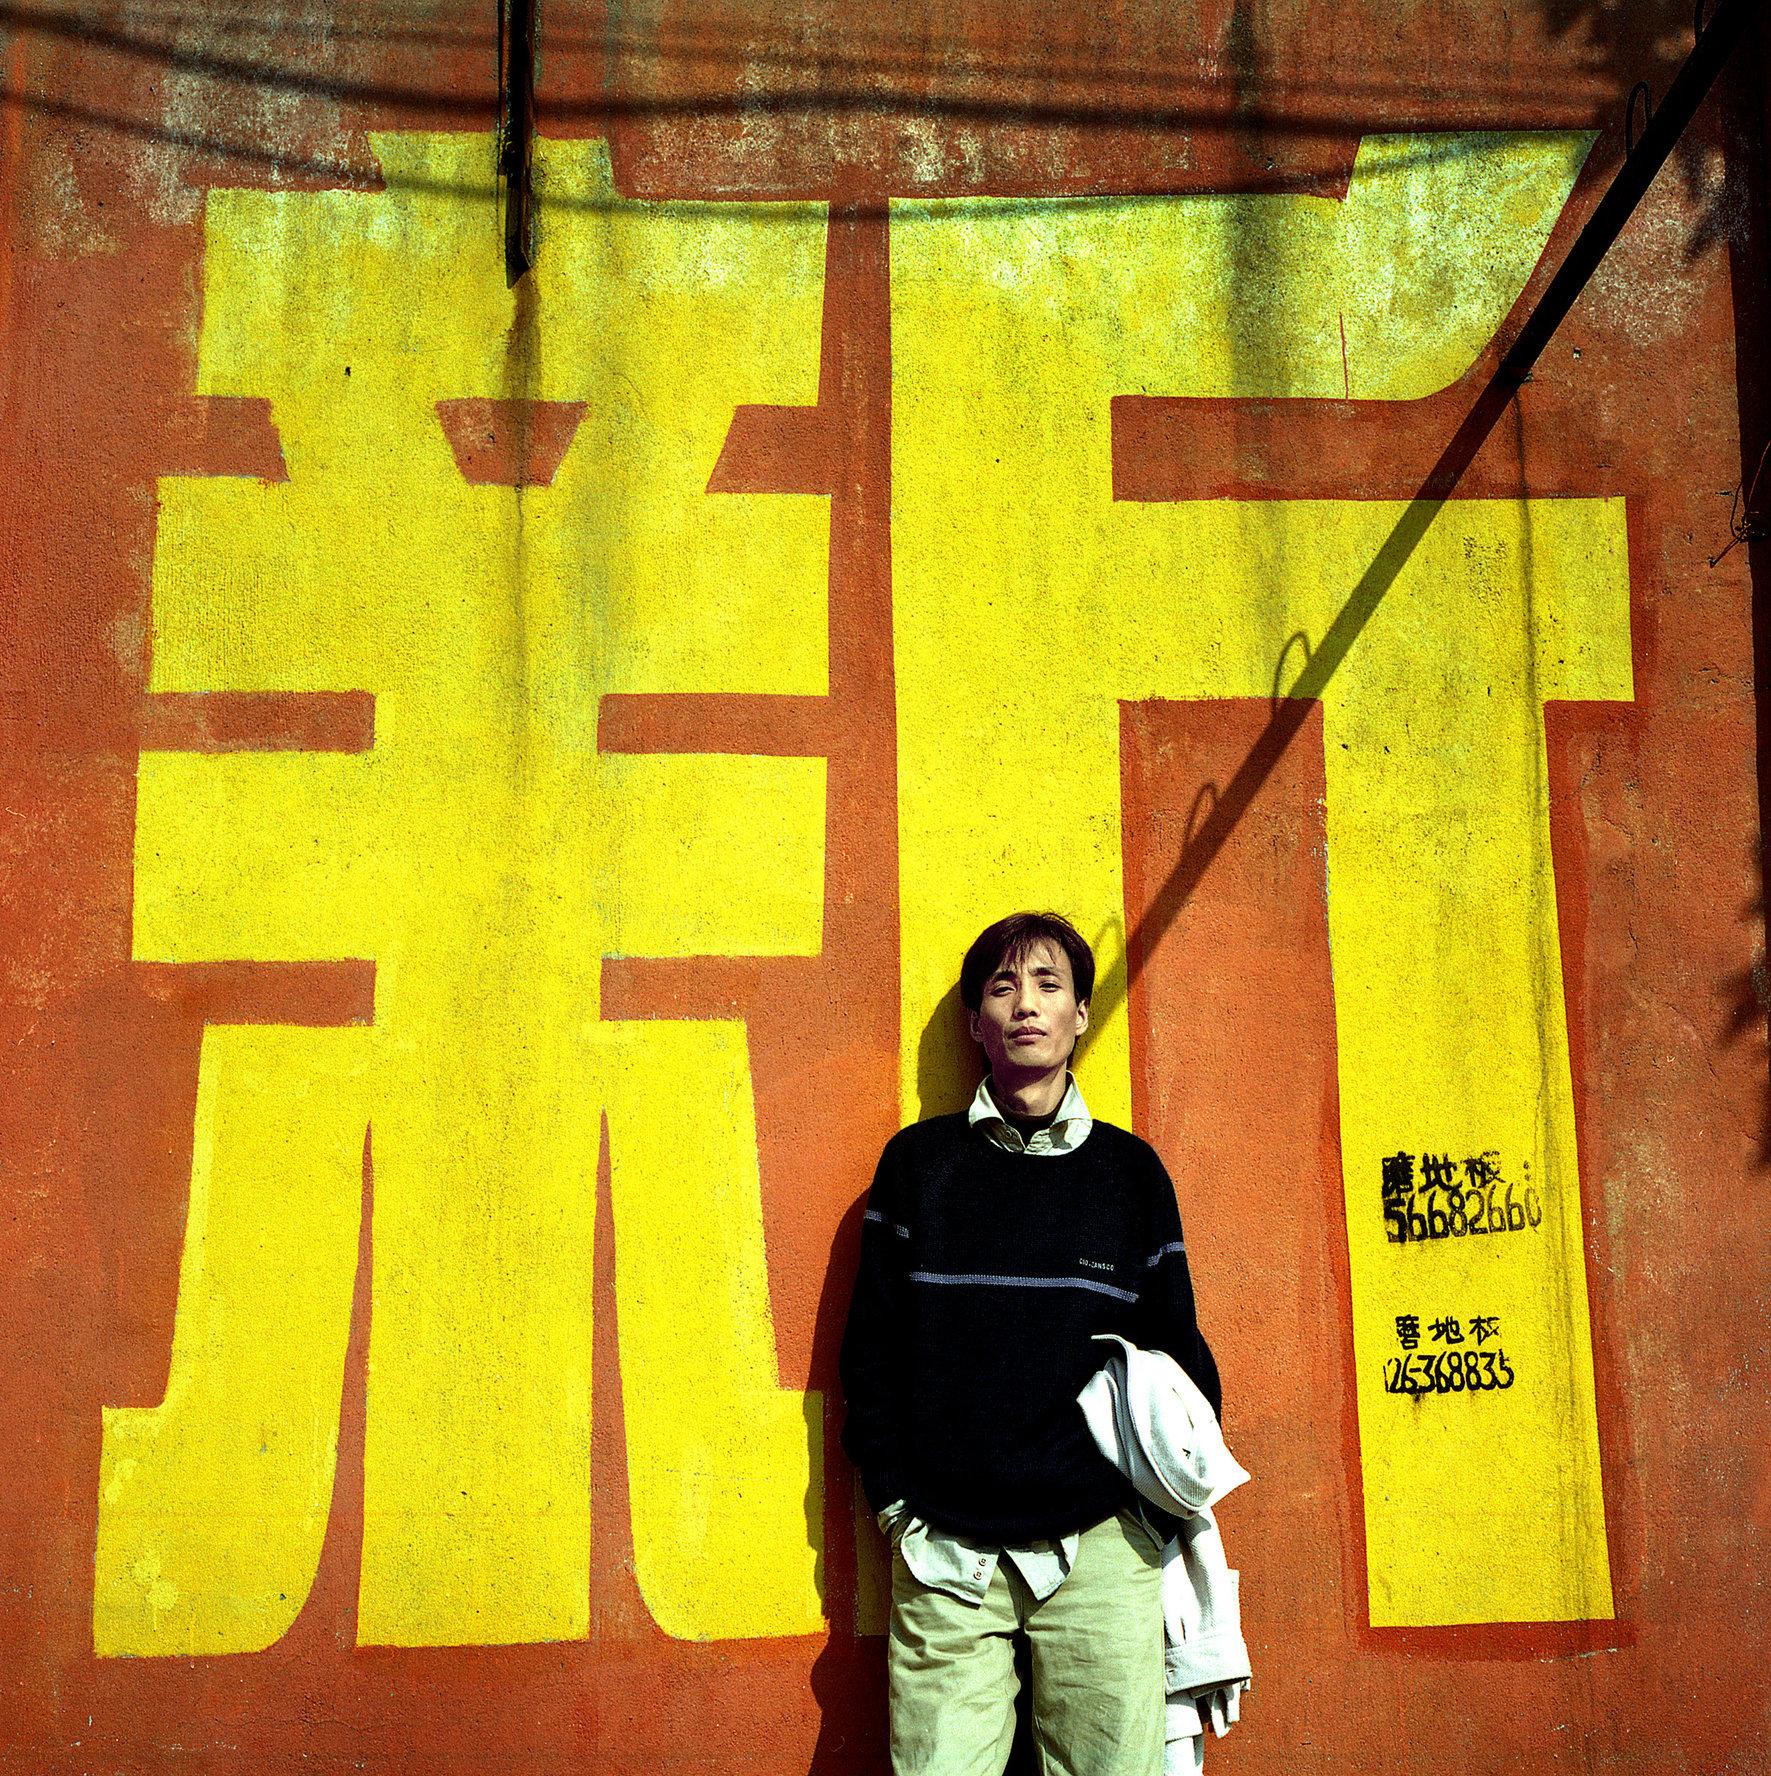 SHI YONG-SHANGHAI-CHINA-2000